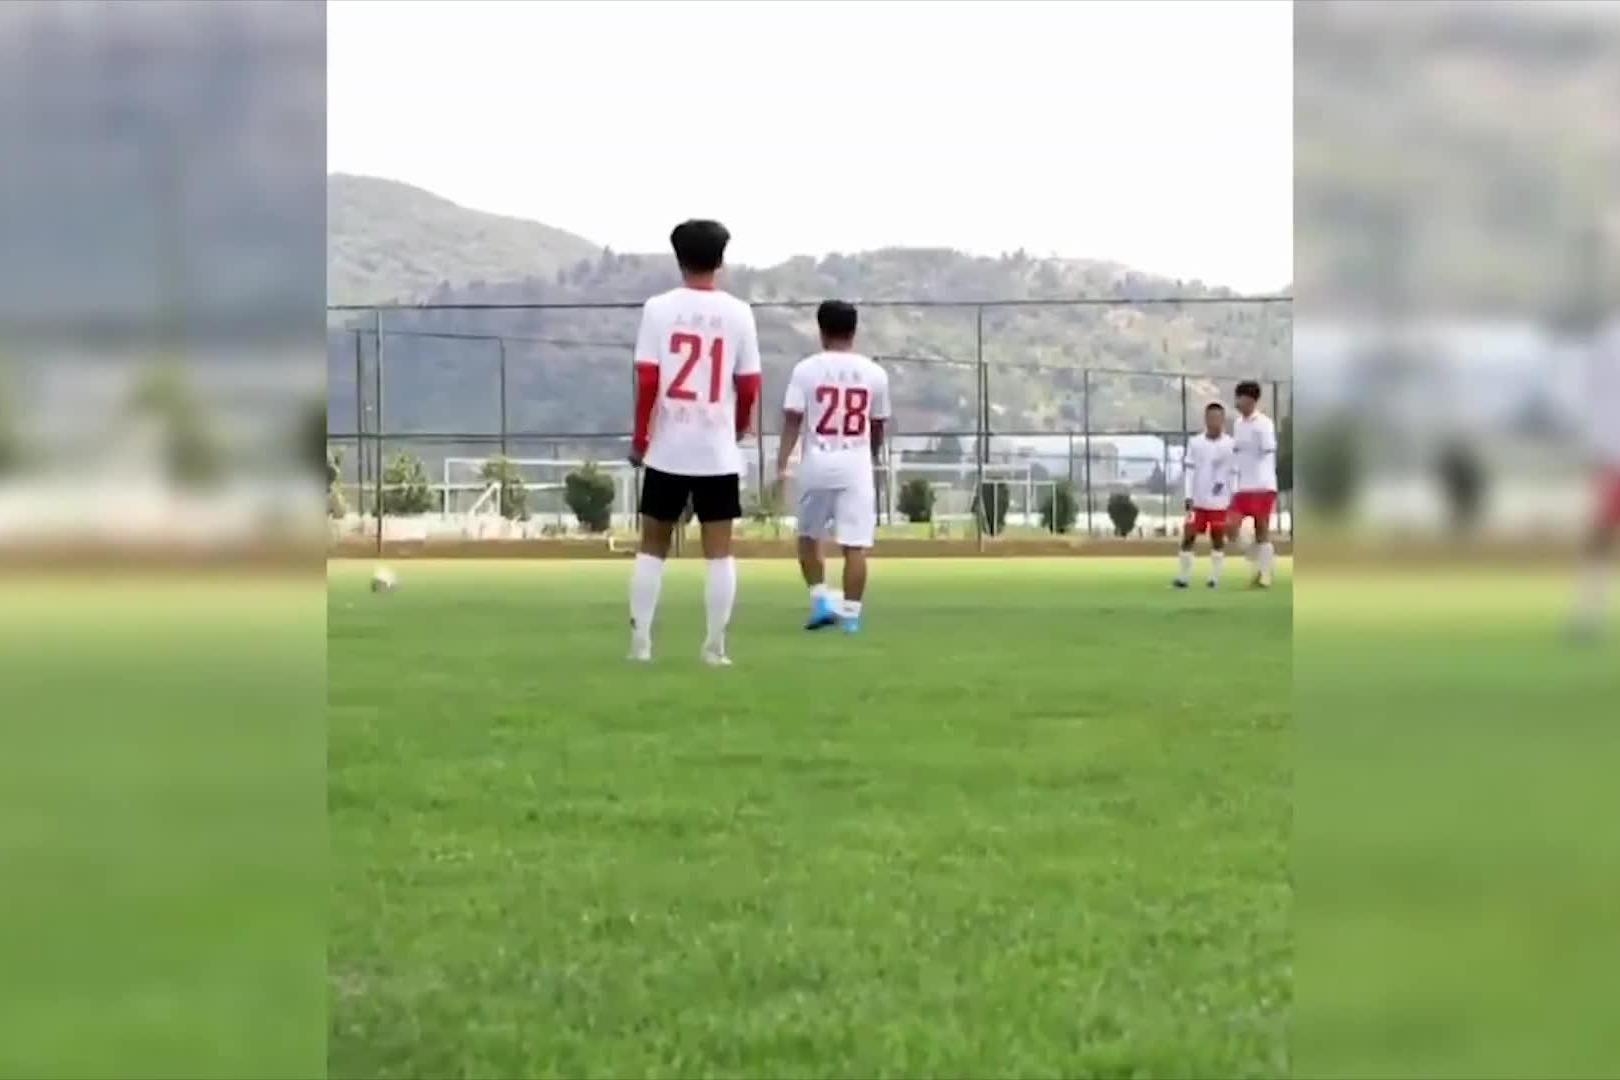 技术娴熟 云南水中踢球小伙进中乙队试训 他能进国足吗?